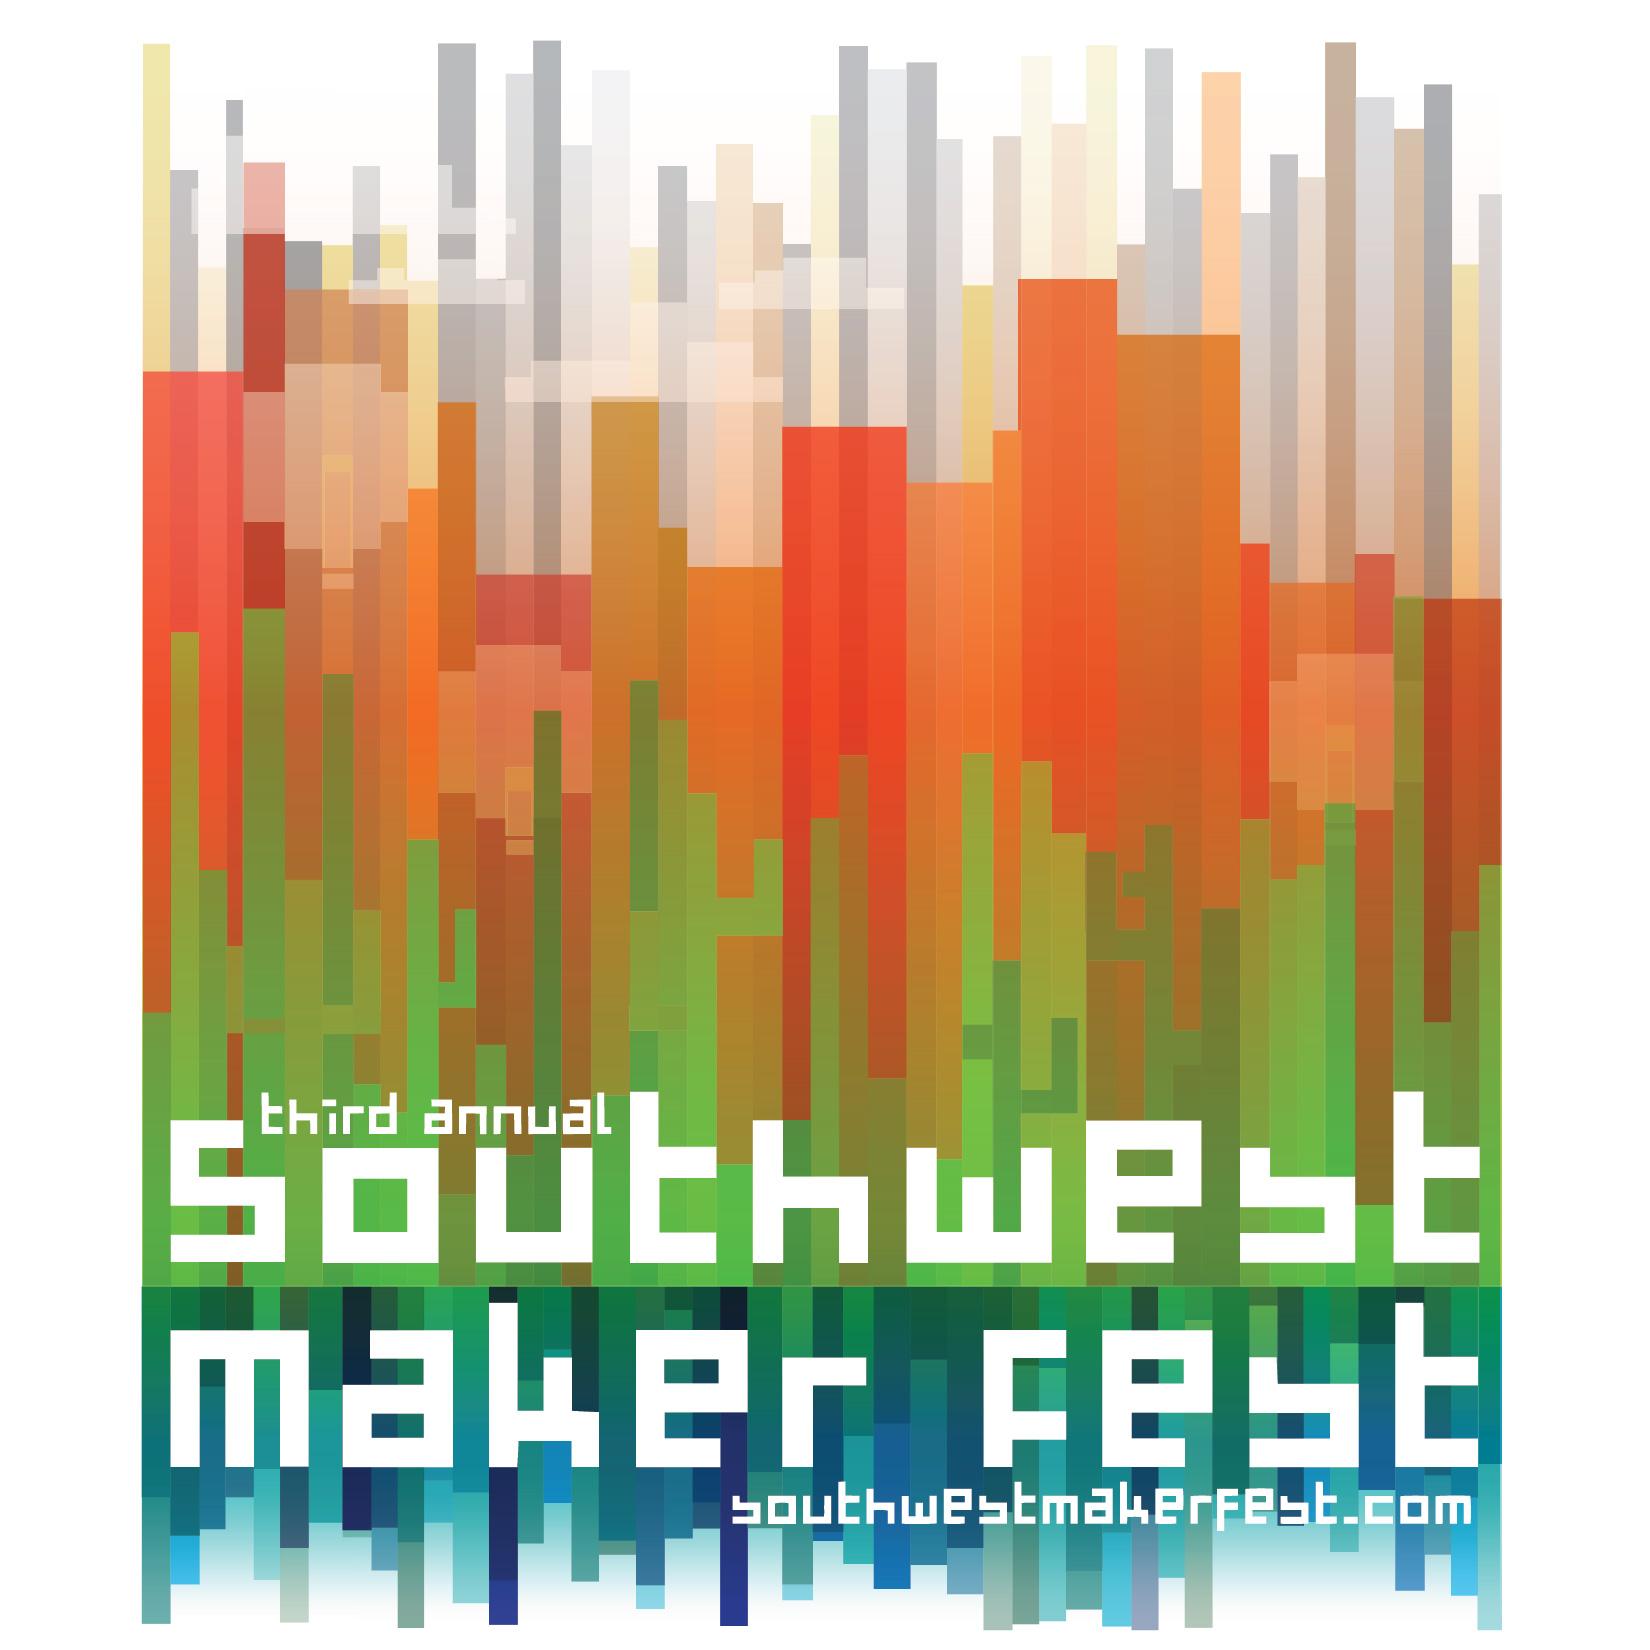 Poster design maker - Southwest Maker Fest Poster Design Contest